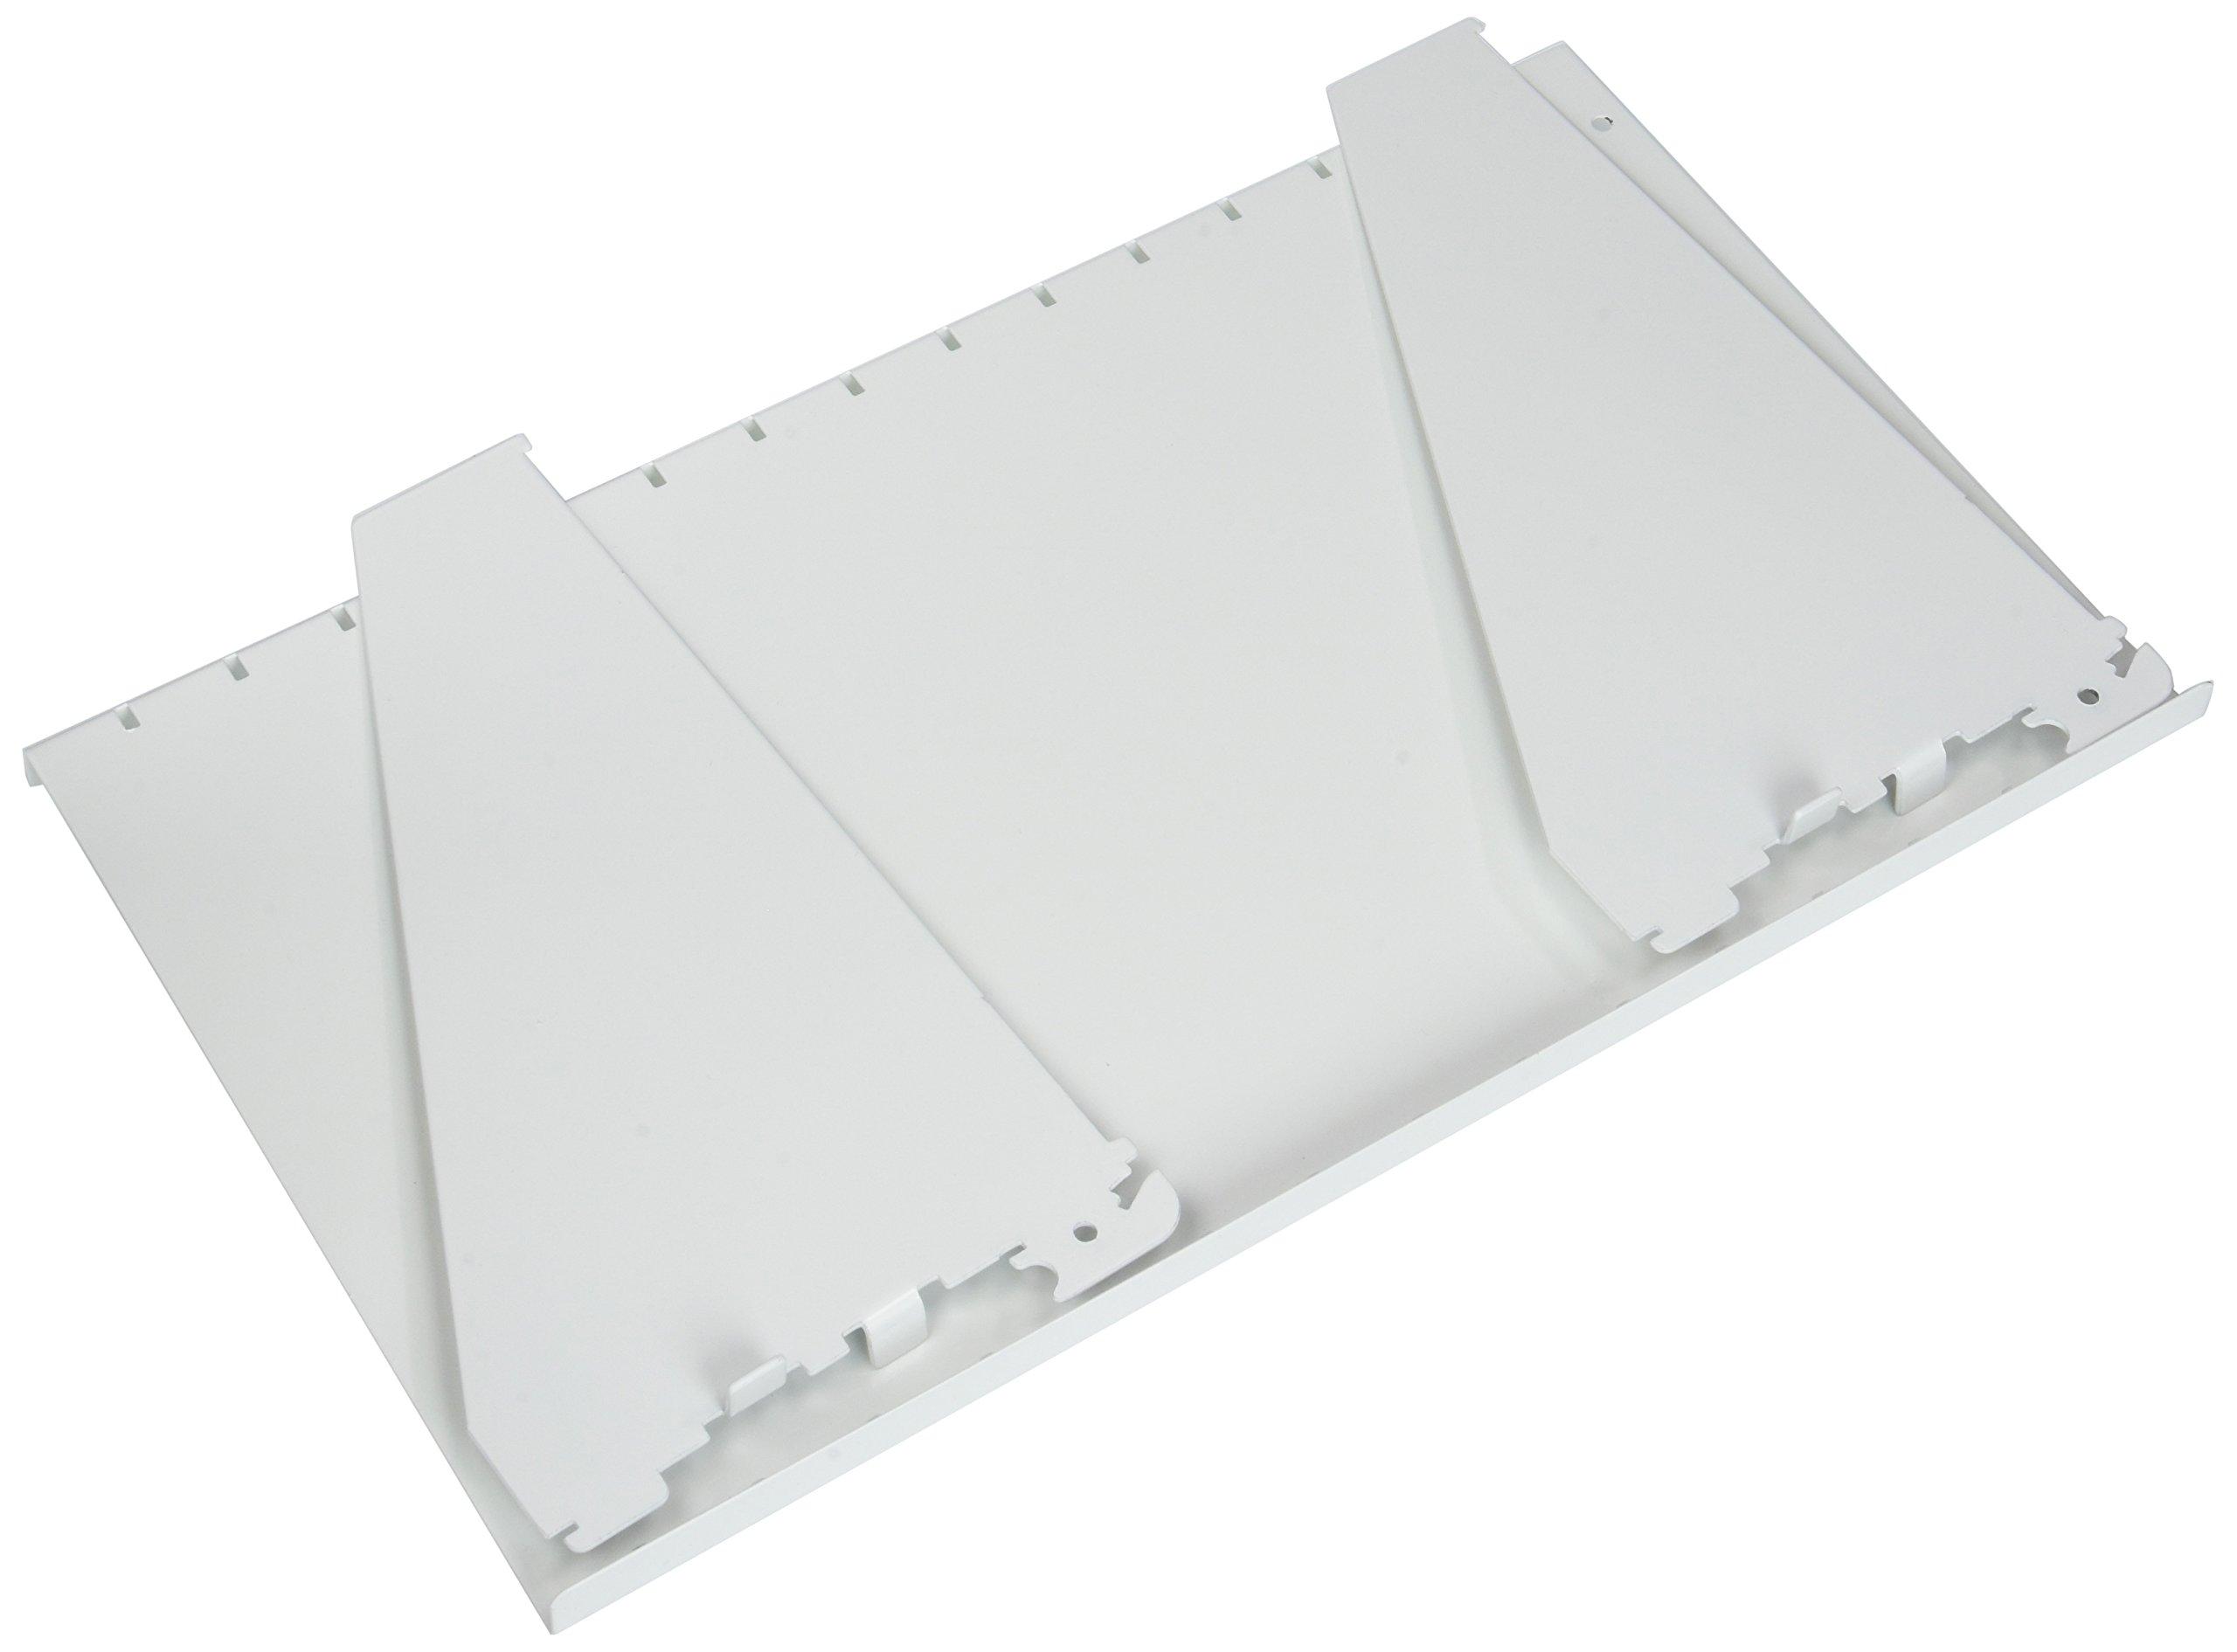 Wall Control ASM-SH-1609 W 9'' Deep Pegboard Shelf Assembly for Wall Control Pegboard Only, White by Wall Control